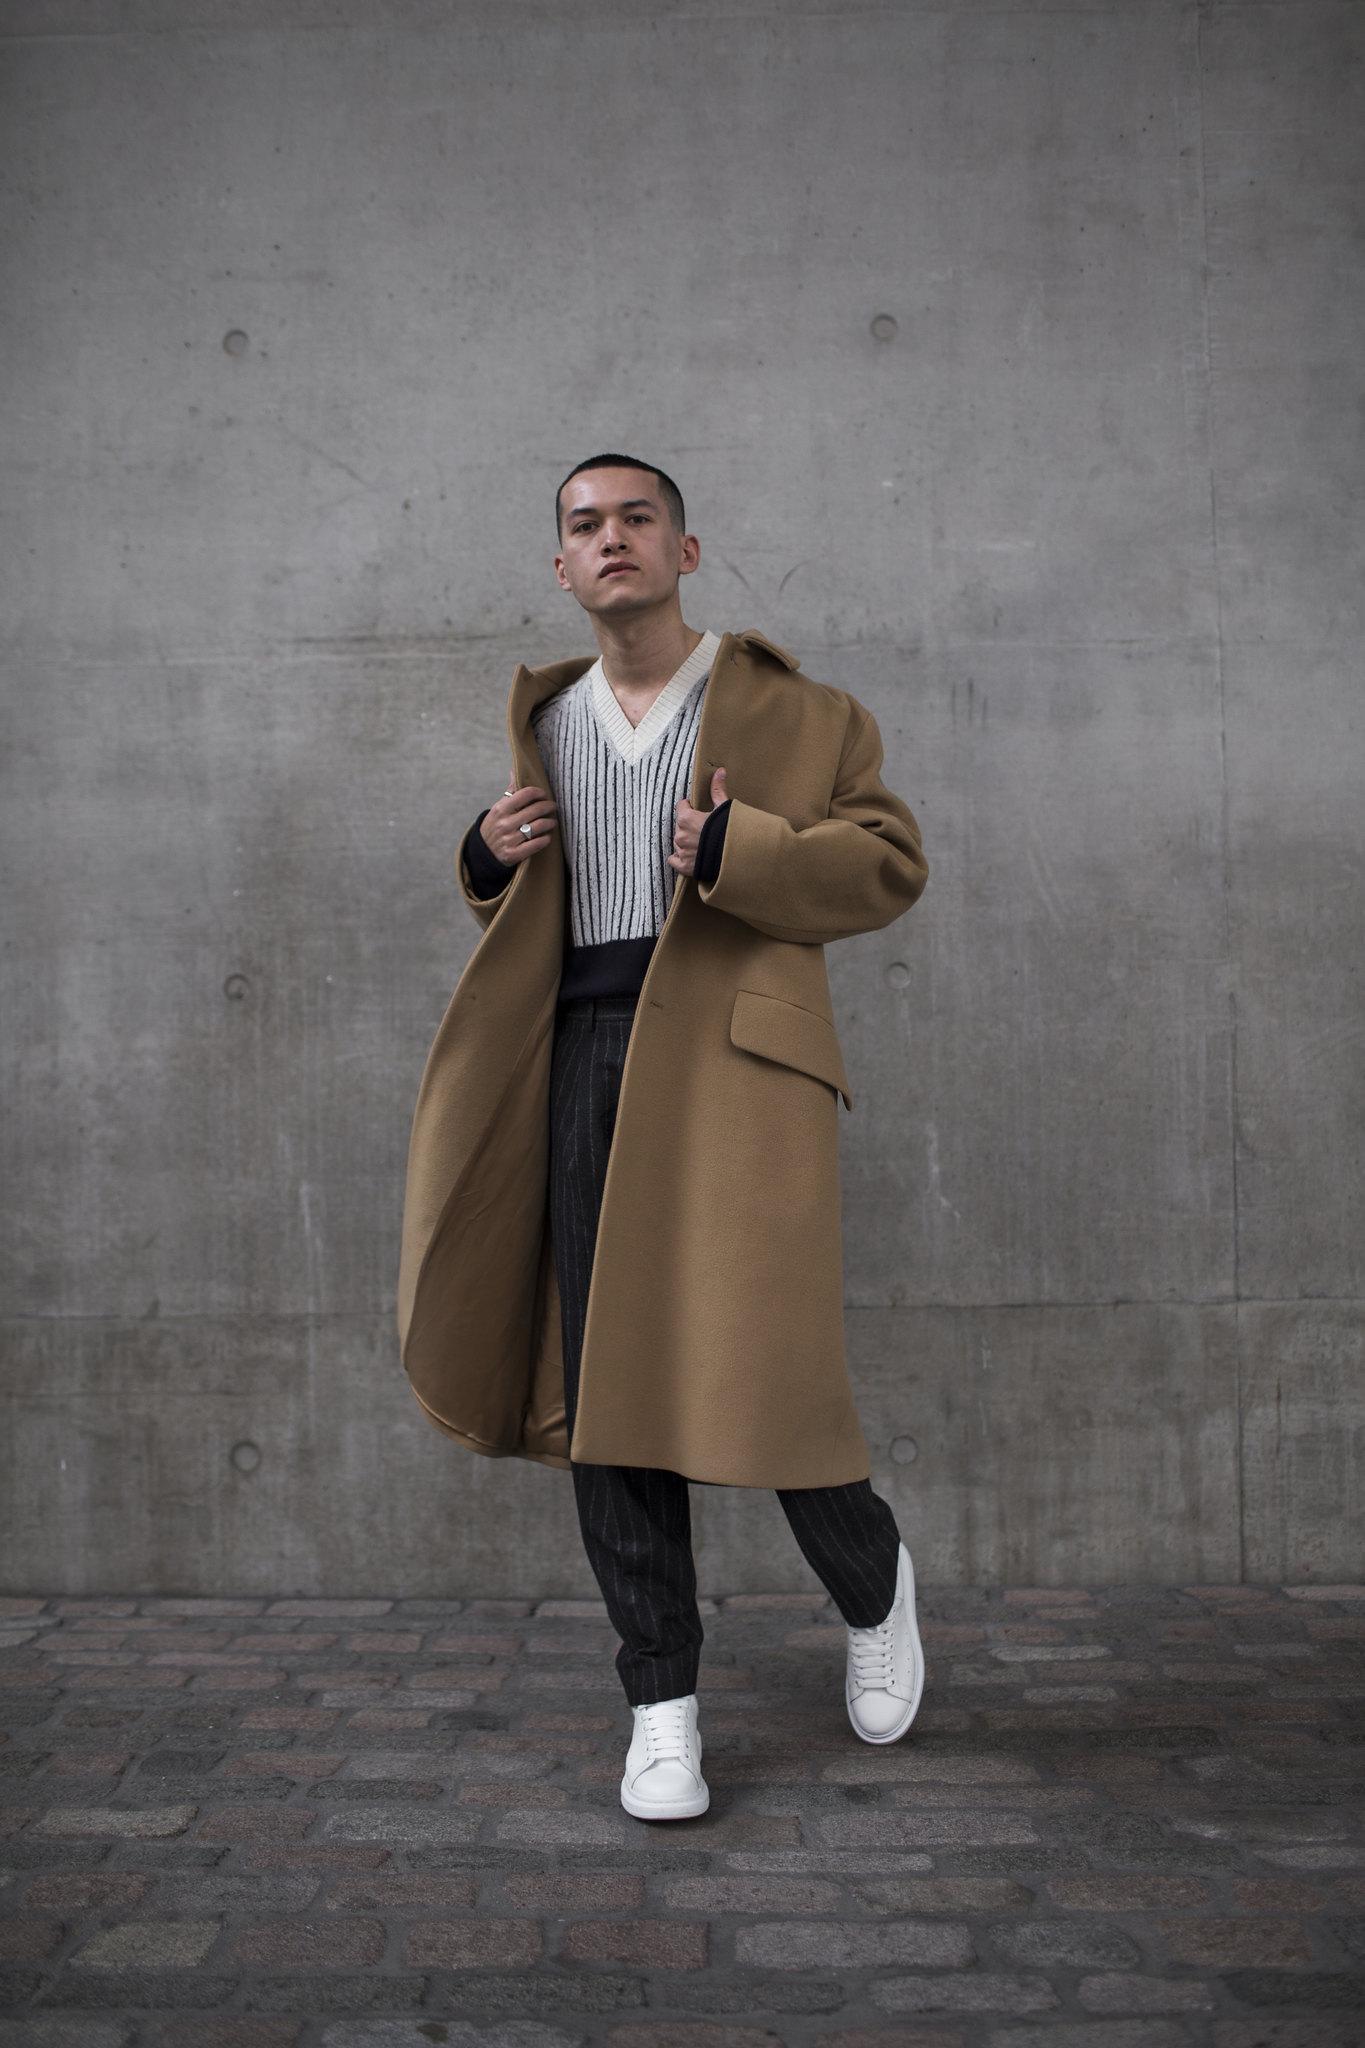 Jordan_Bunker_trends_in_menswear_1